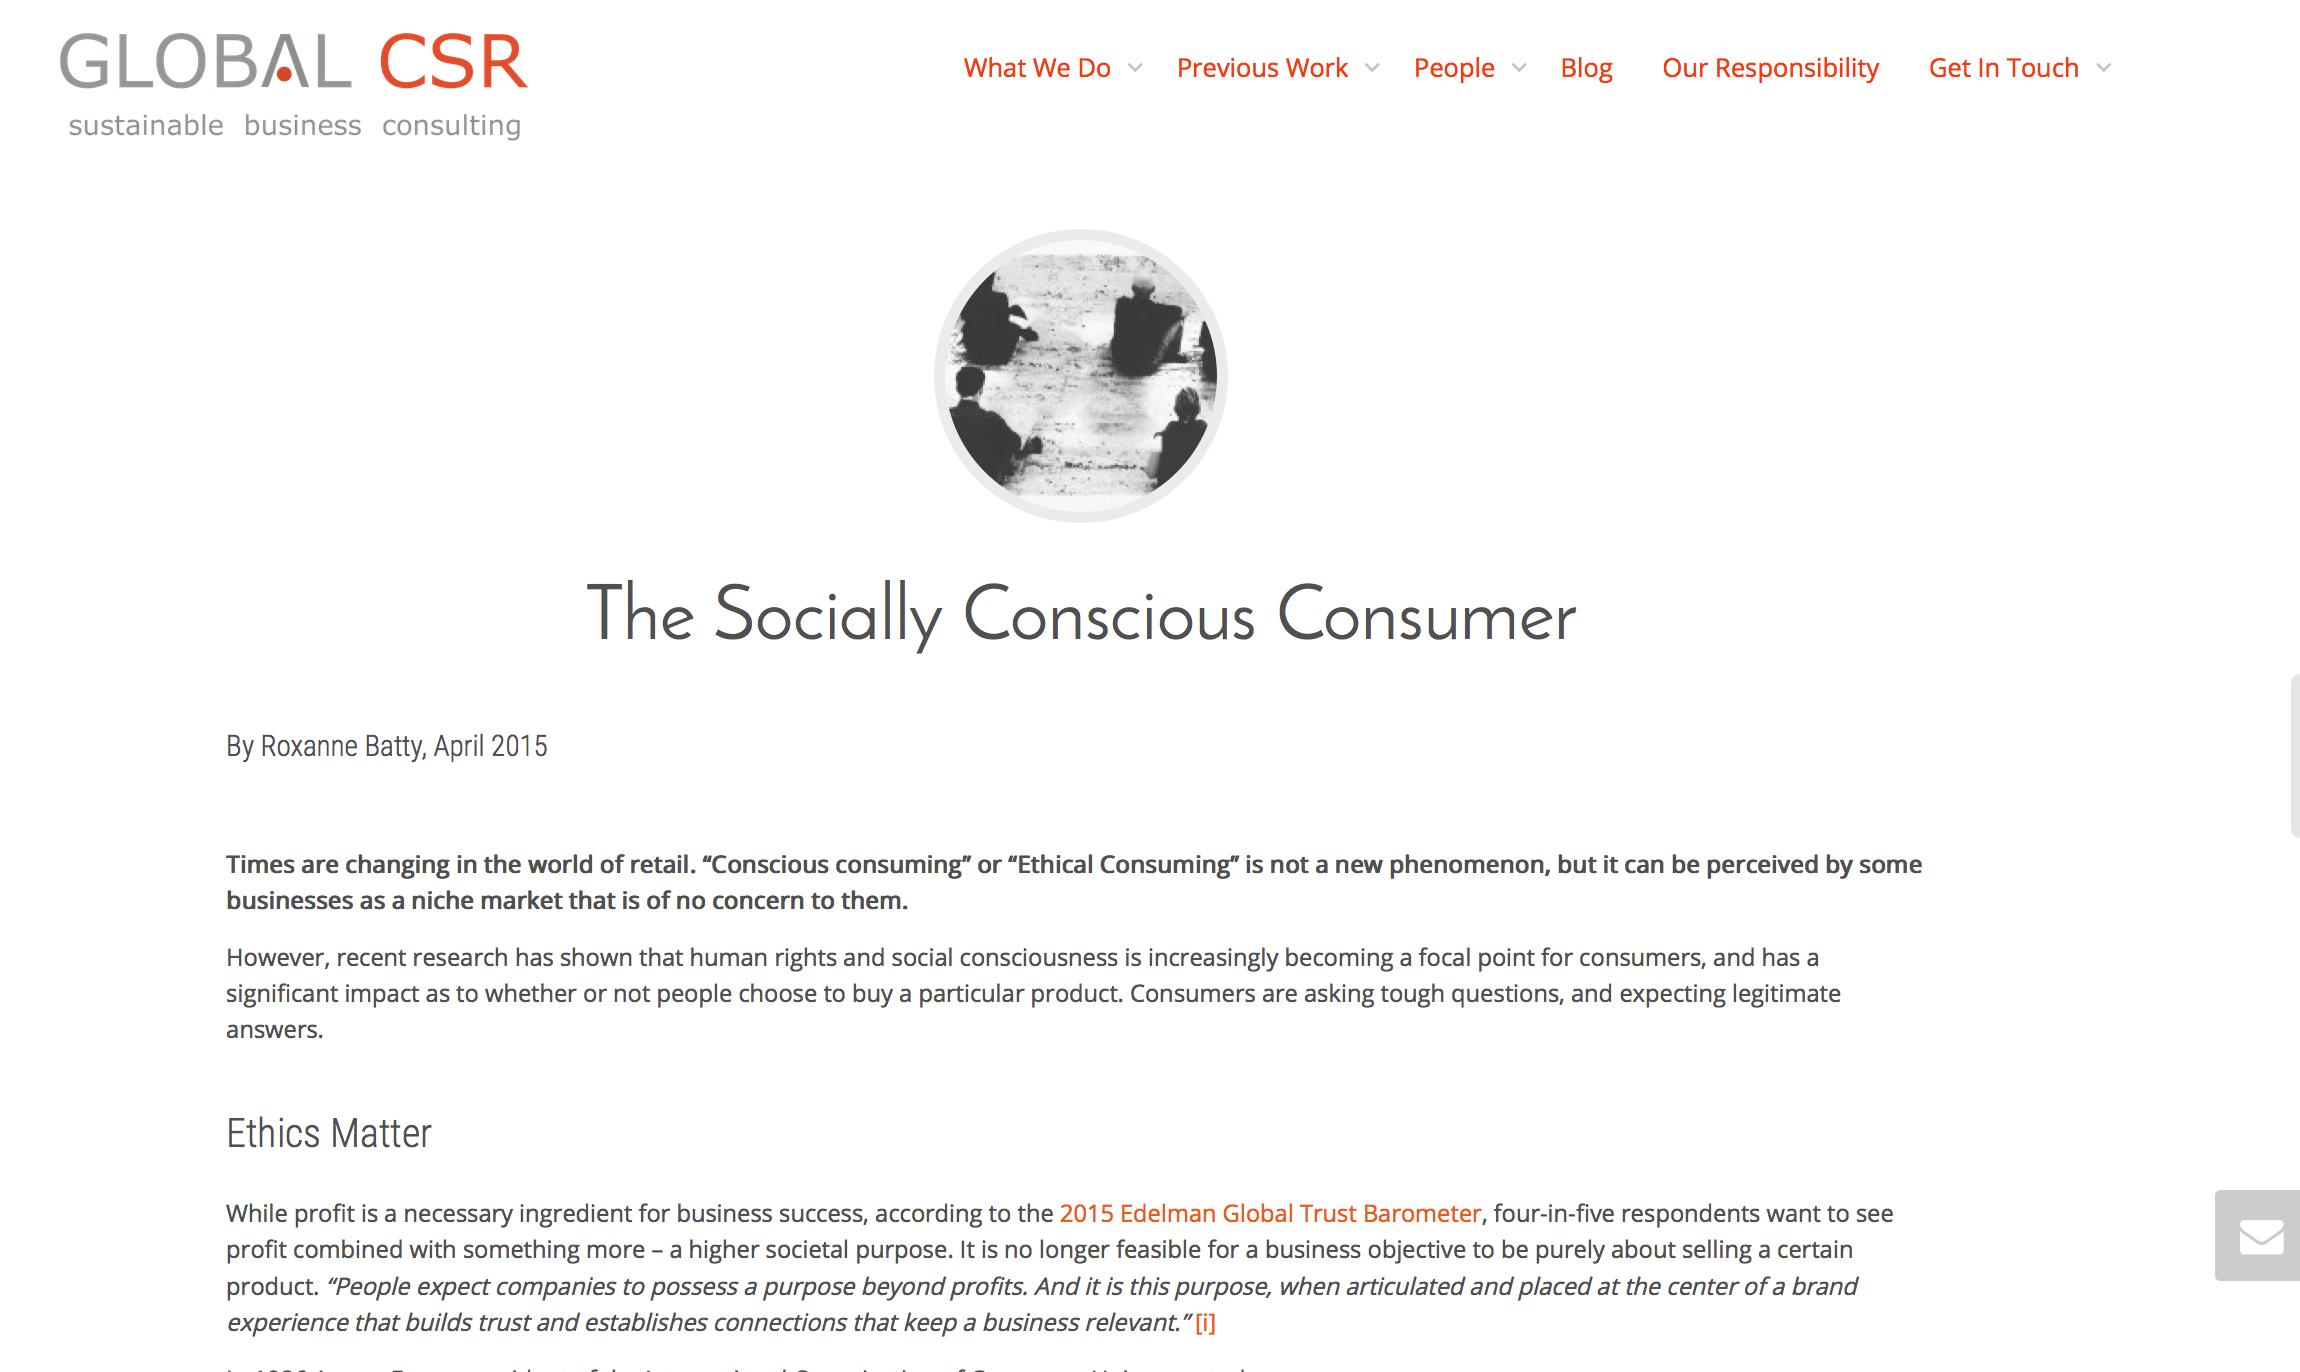 Corporate Blogging - Socially Conscious Consumer